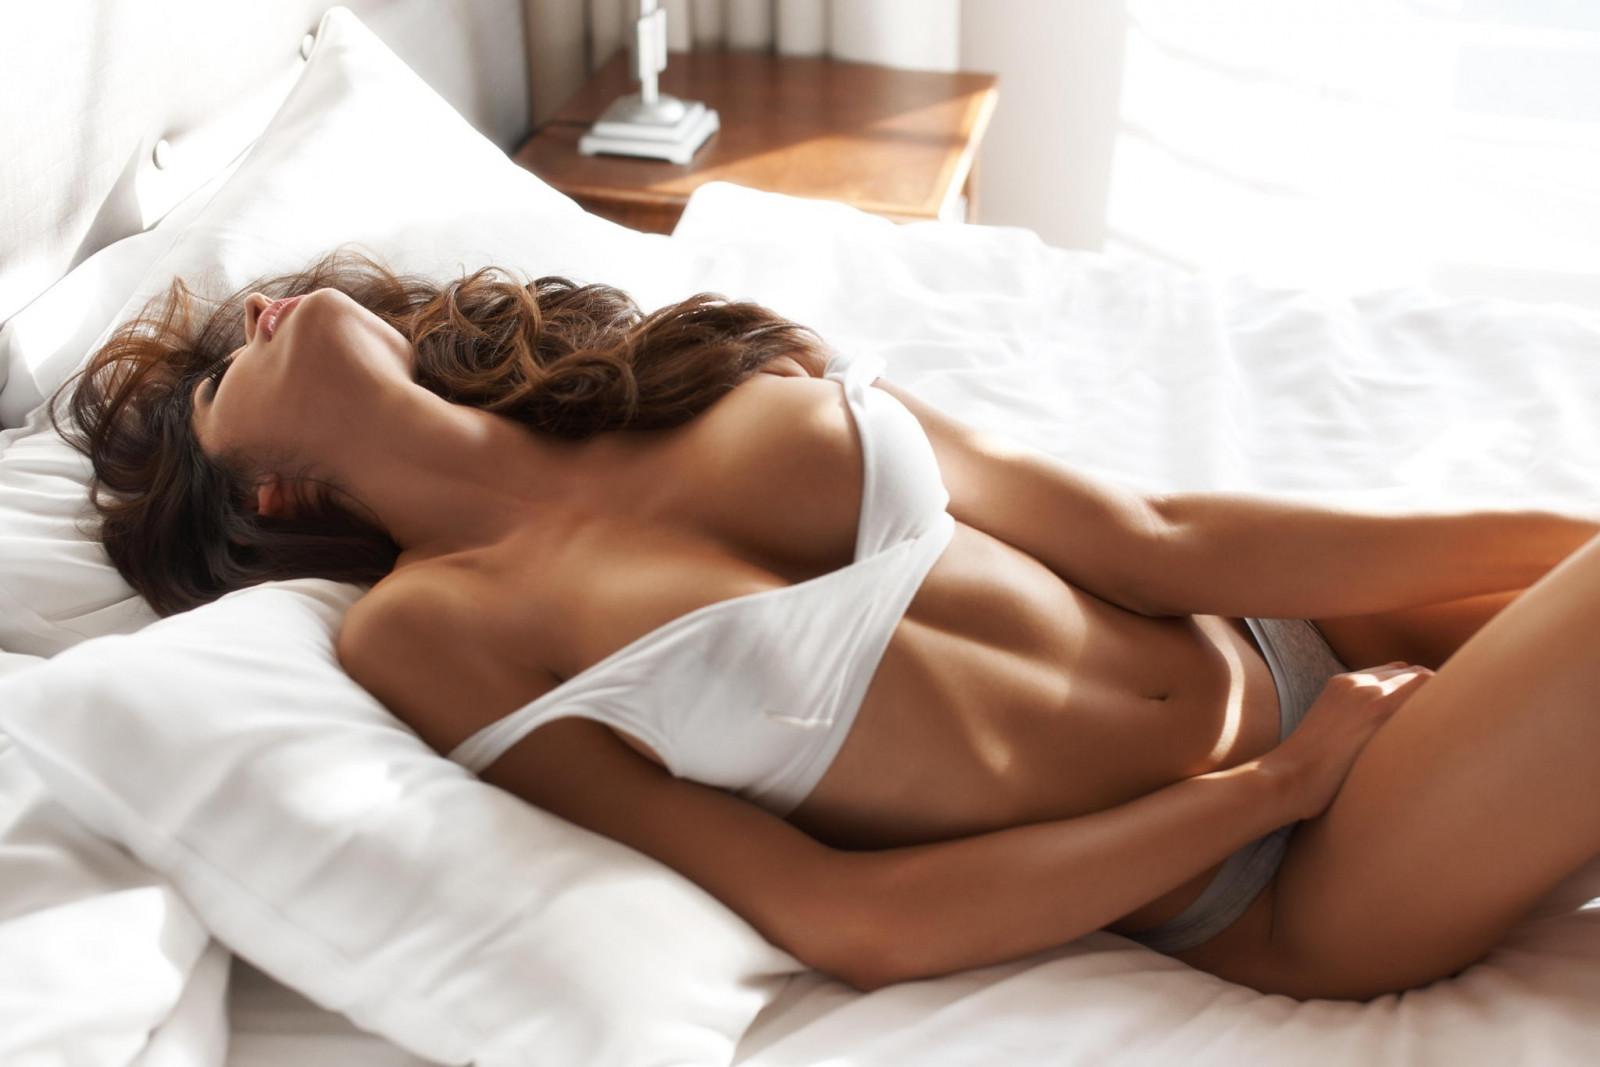 Красивые развратные женщины в постели — img 11